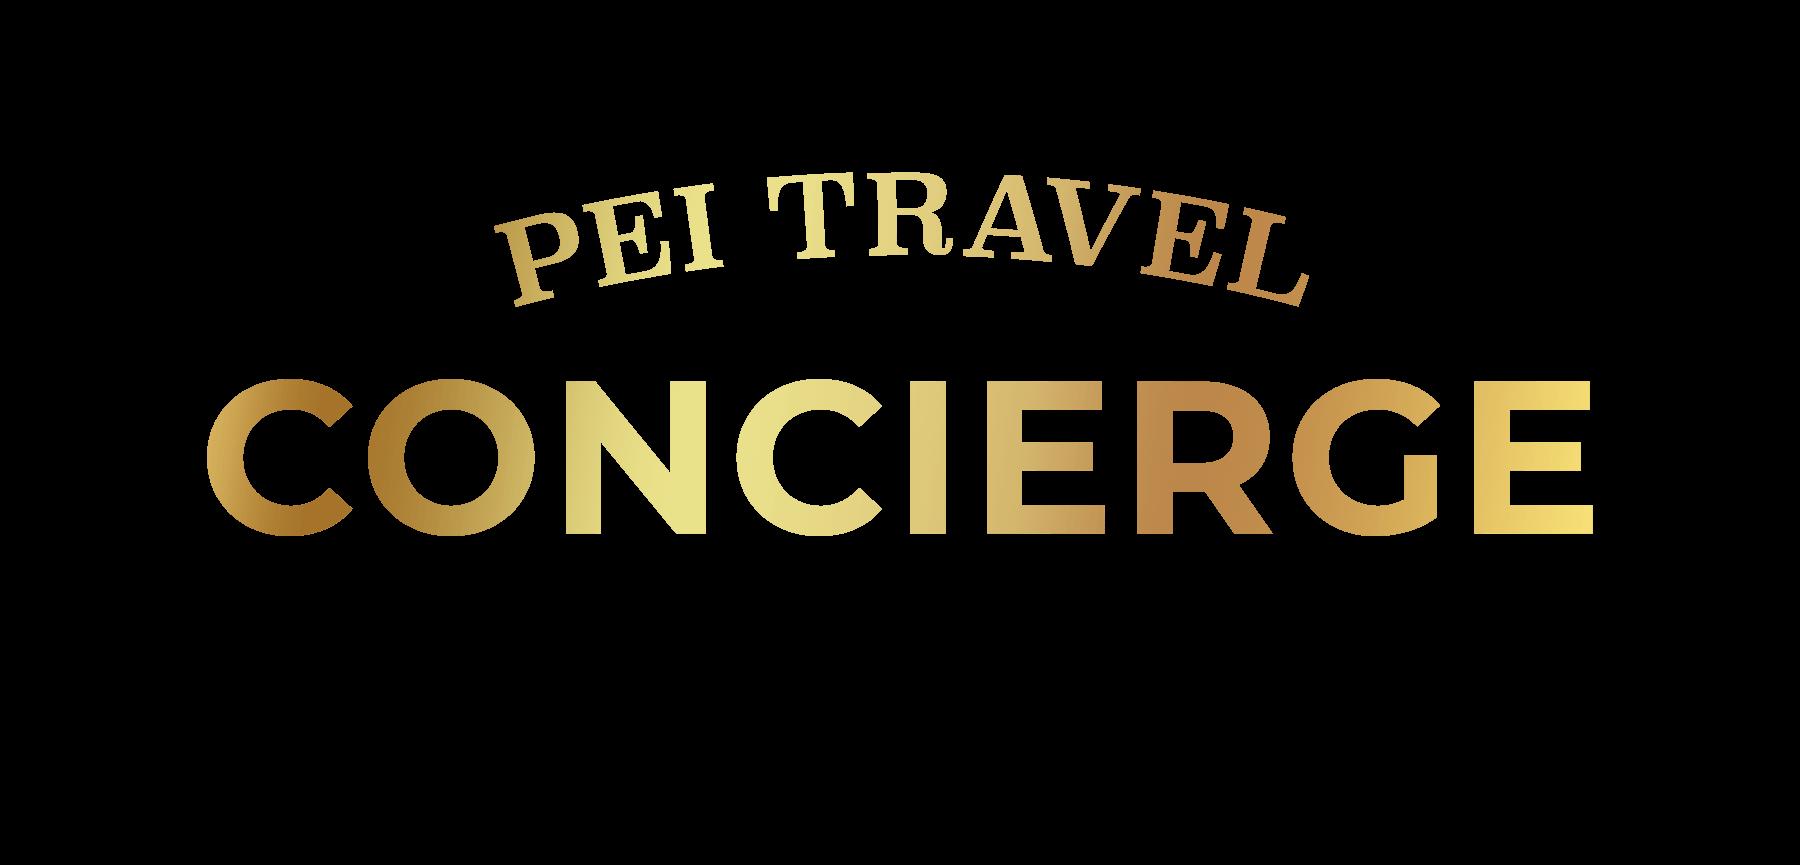 PEI Travel Concierge Services